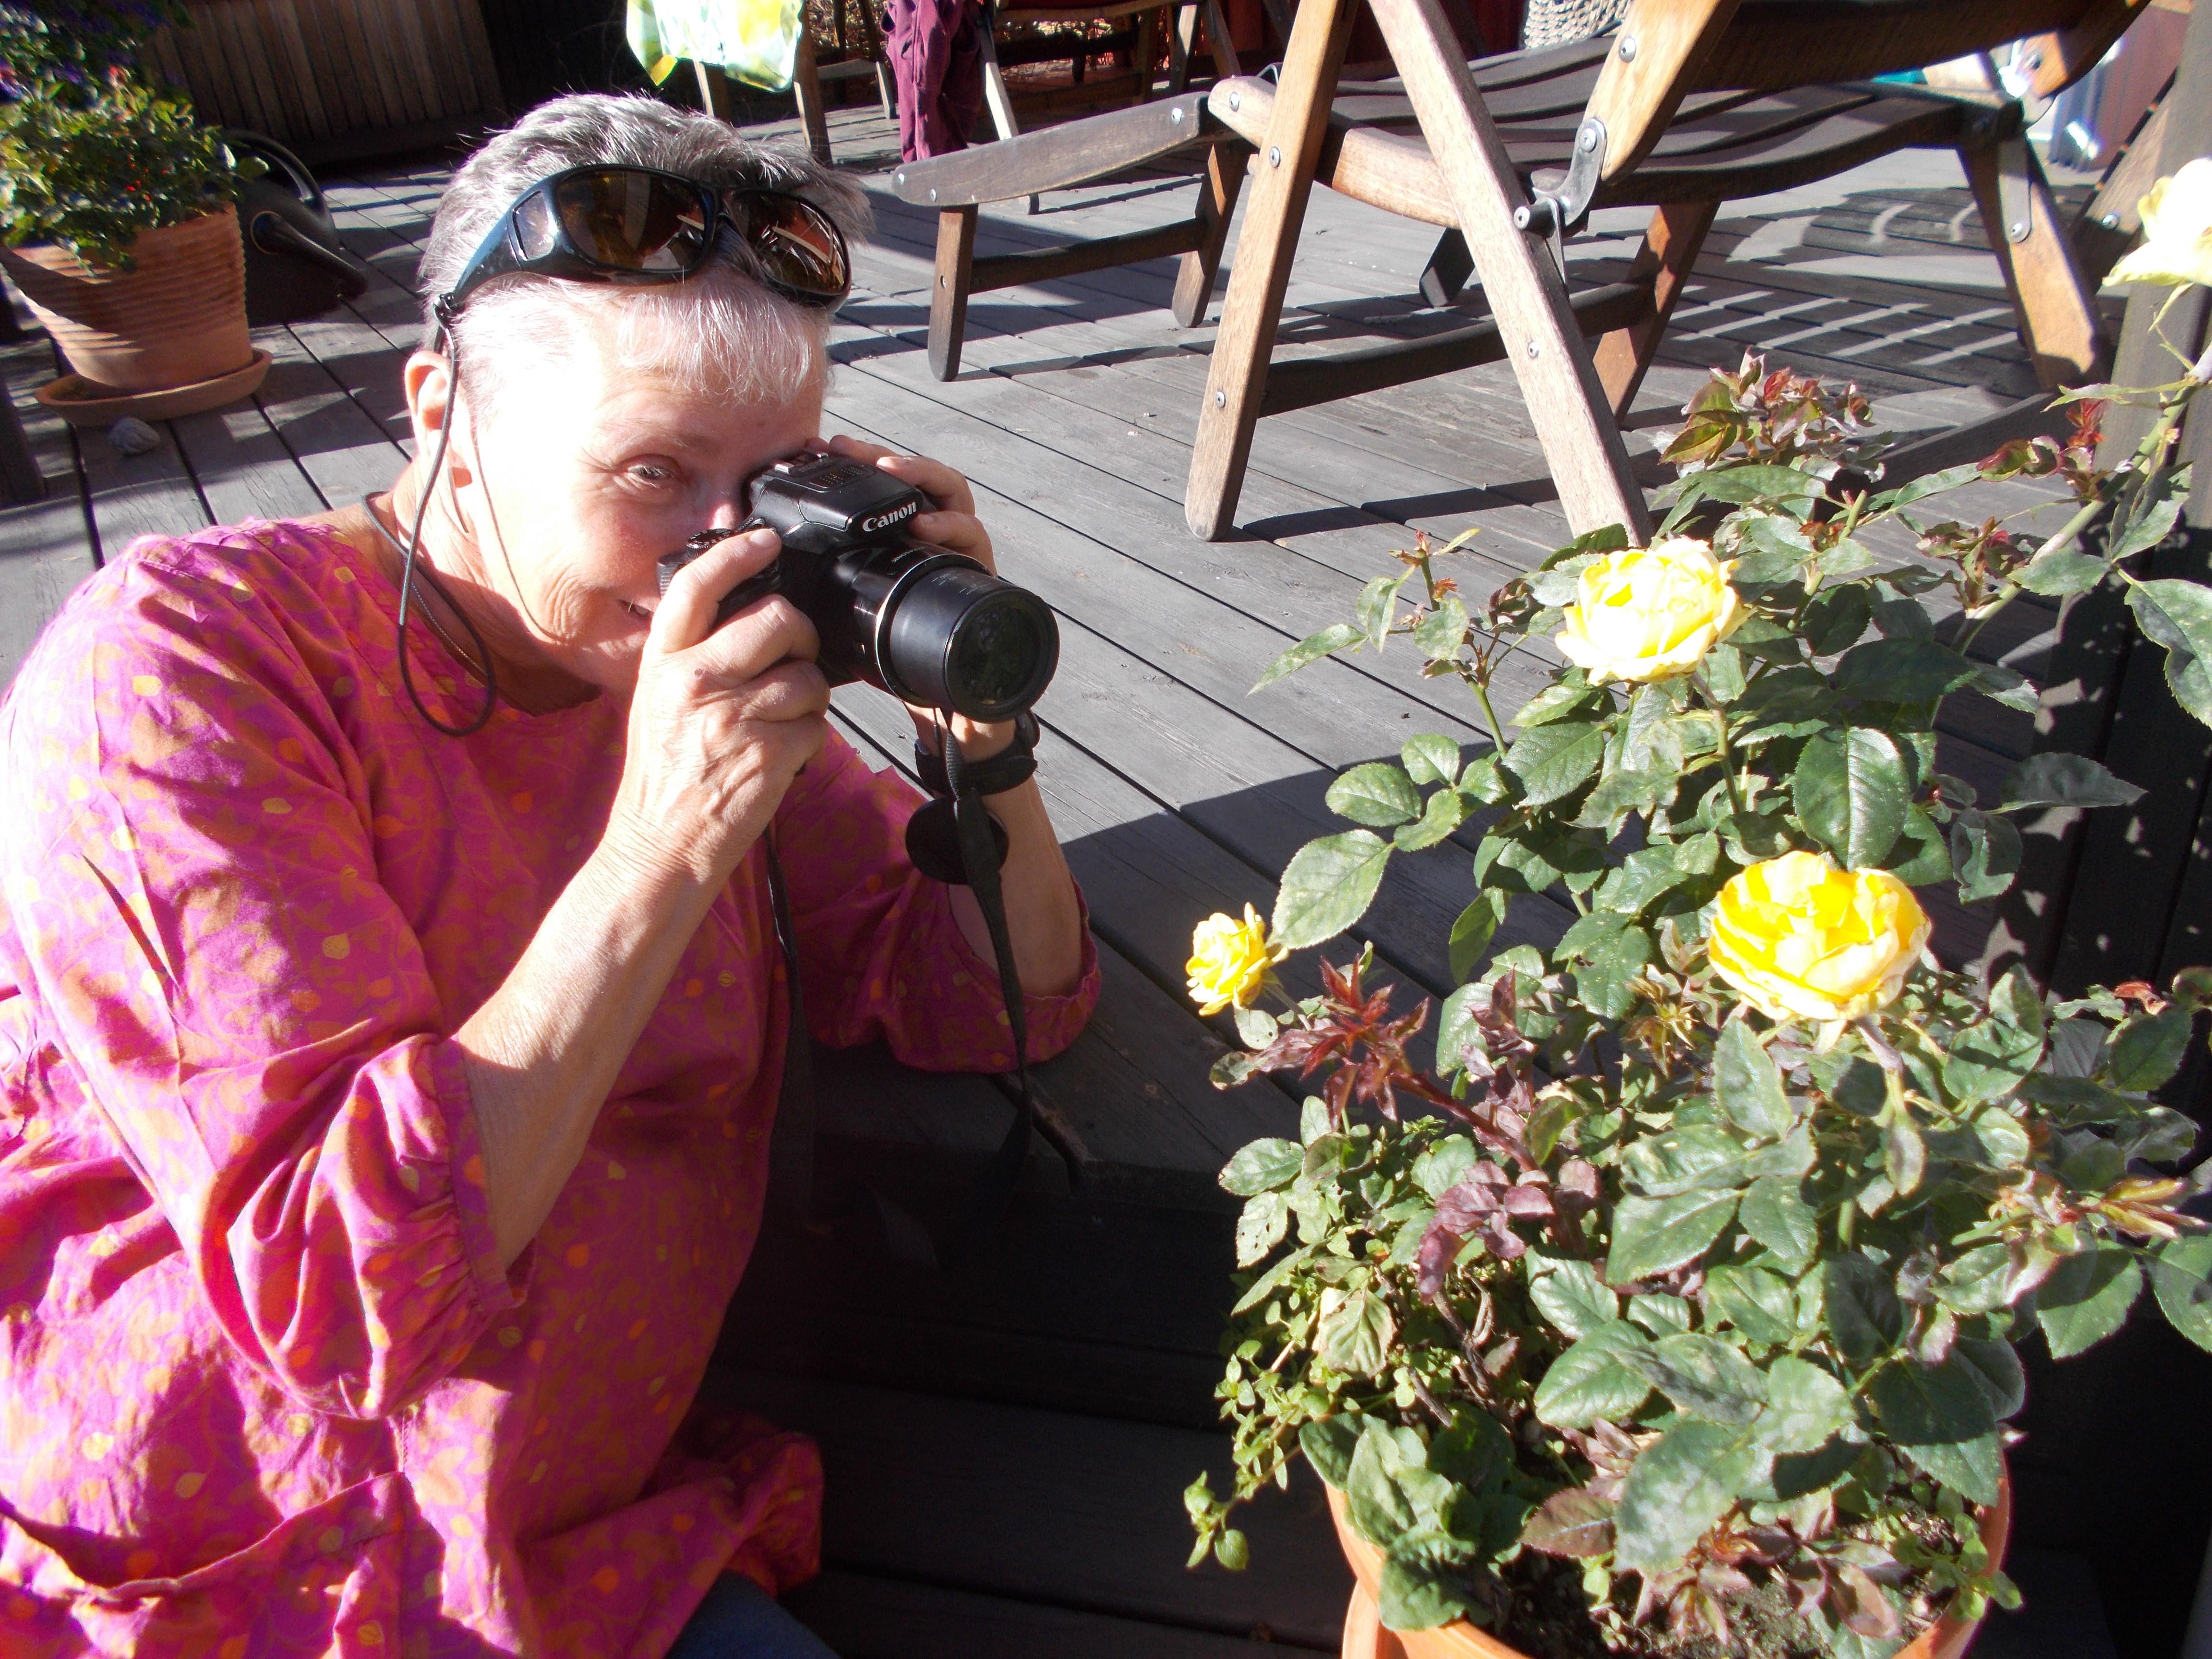 Kortklippt kvinna med grått hår, klädd i rosa tunika, har en kamera framför ögat och fokuserar på att fotografera gula rosor.